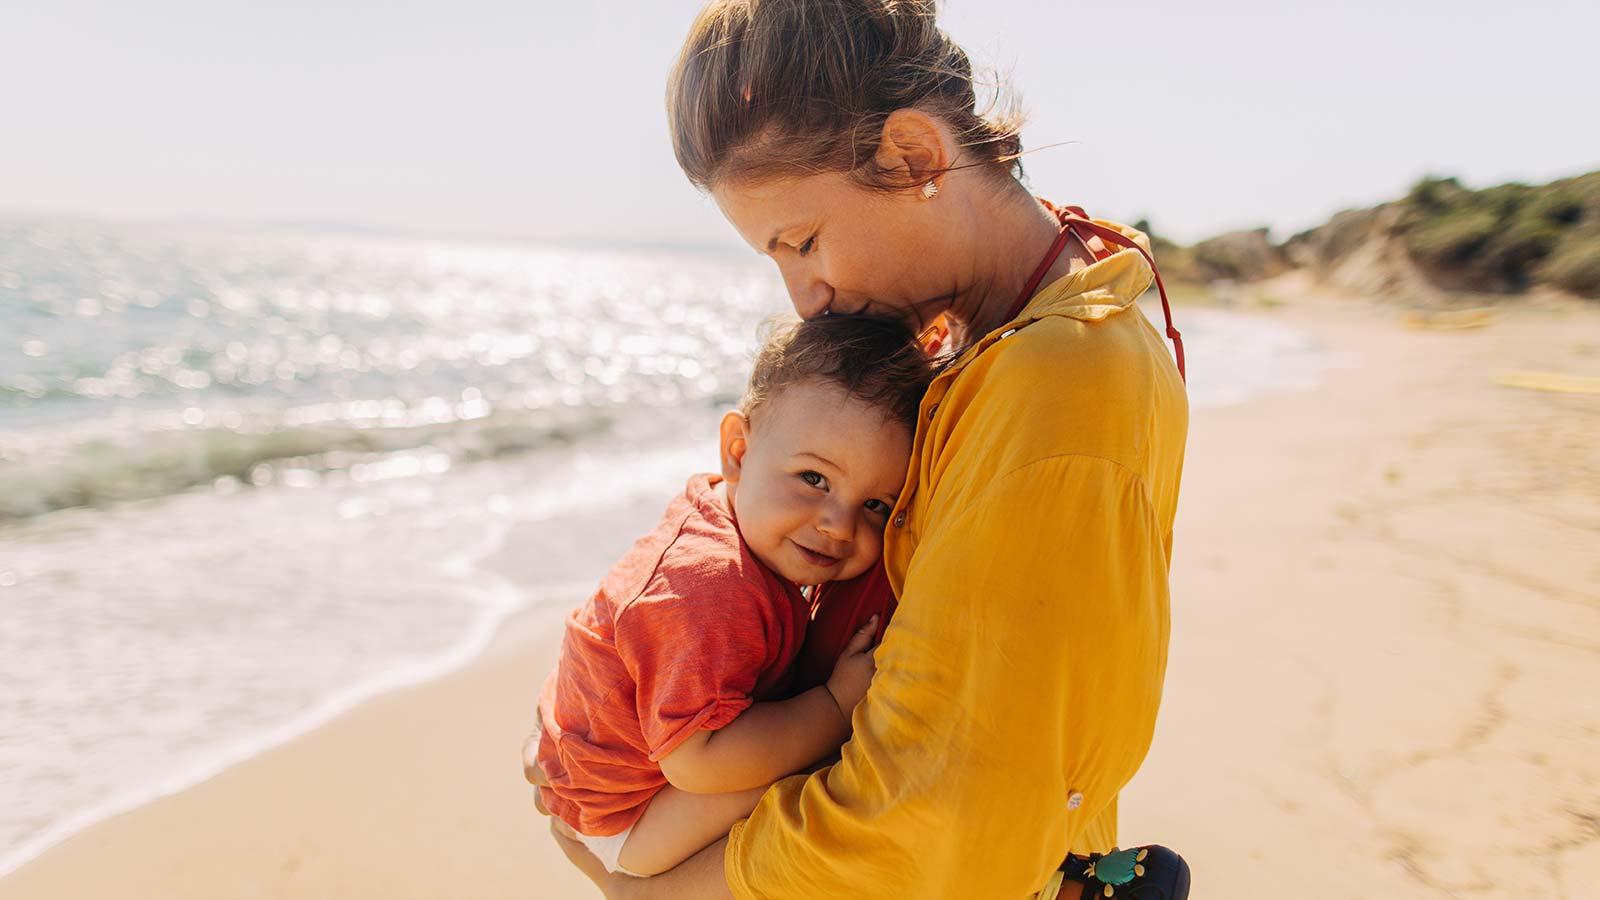 Weltweit kommen mithilfe von Spendersamen gesunde Babys zur Welt